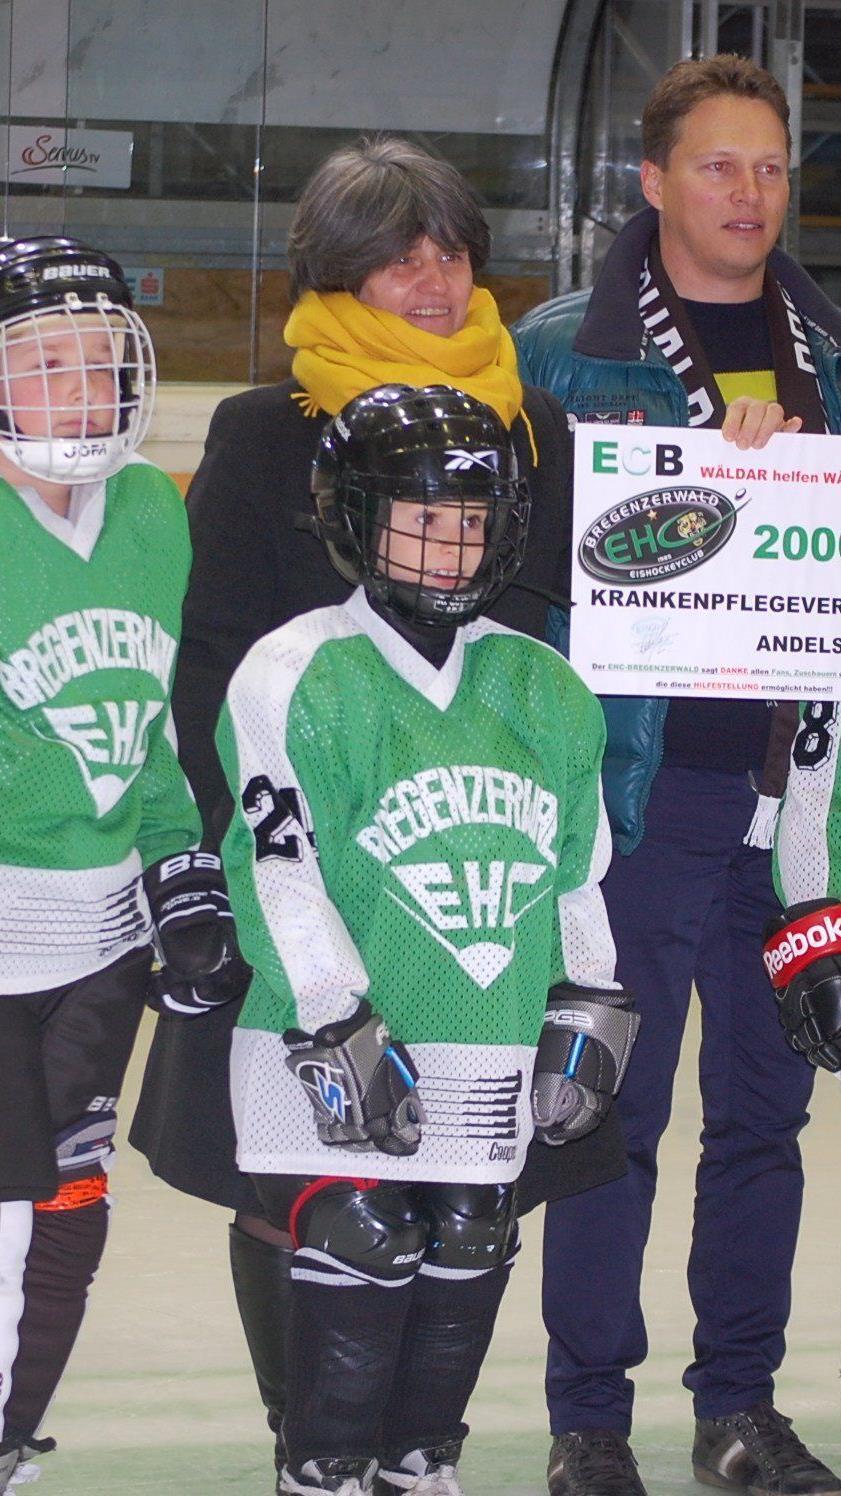 Der EHC Bregenzerwald spendet für den Krankenpflegeverein Andelsbuch 2000 Euro.